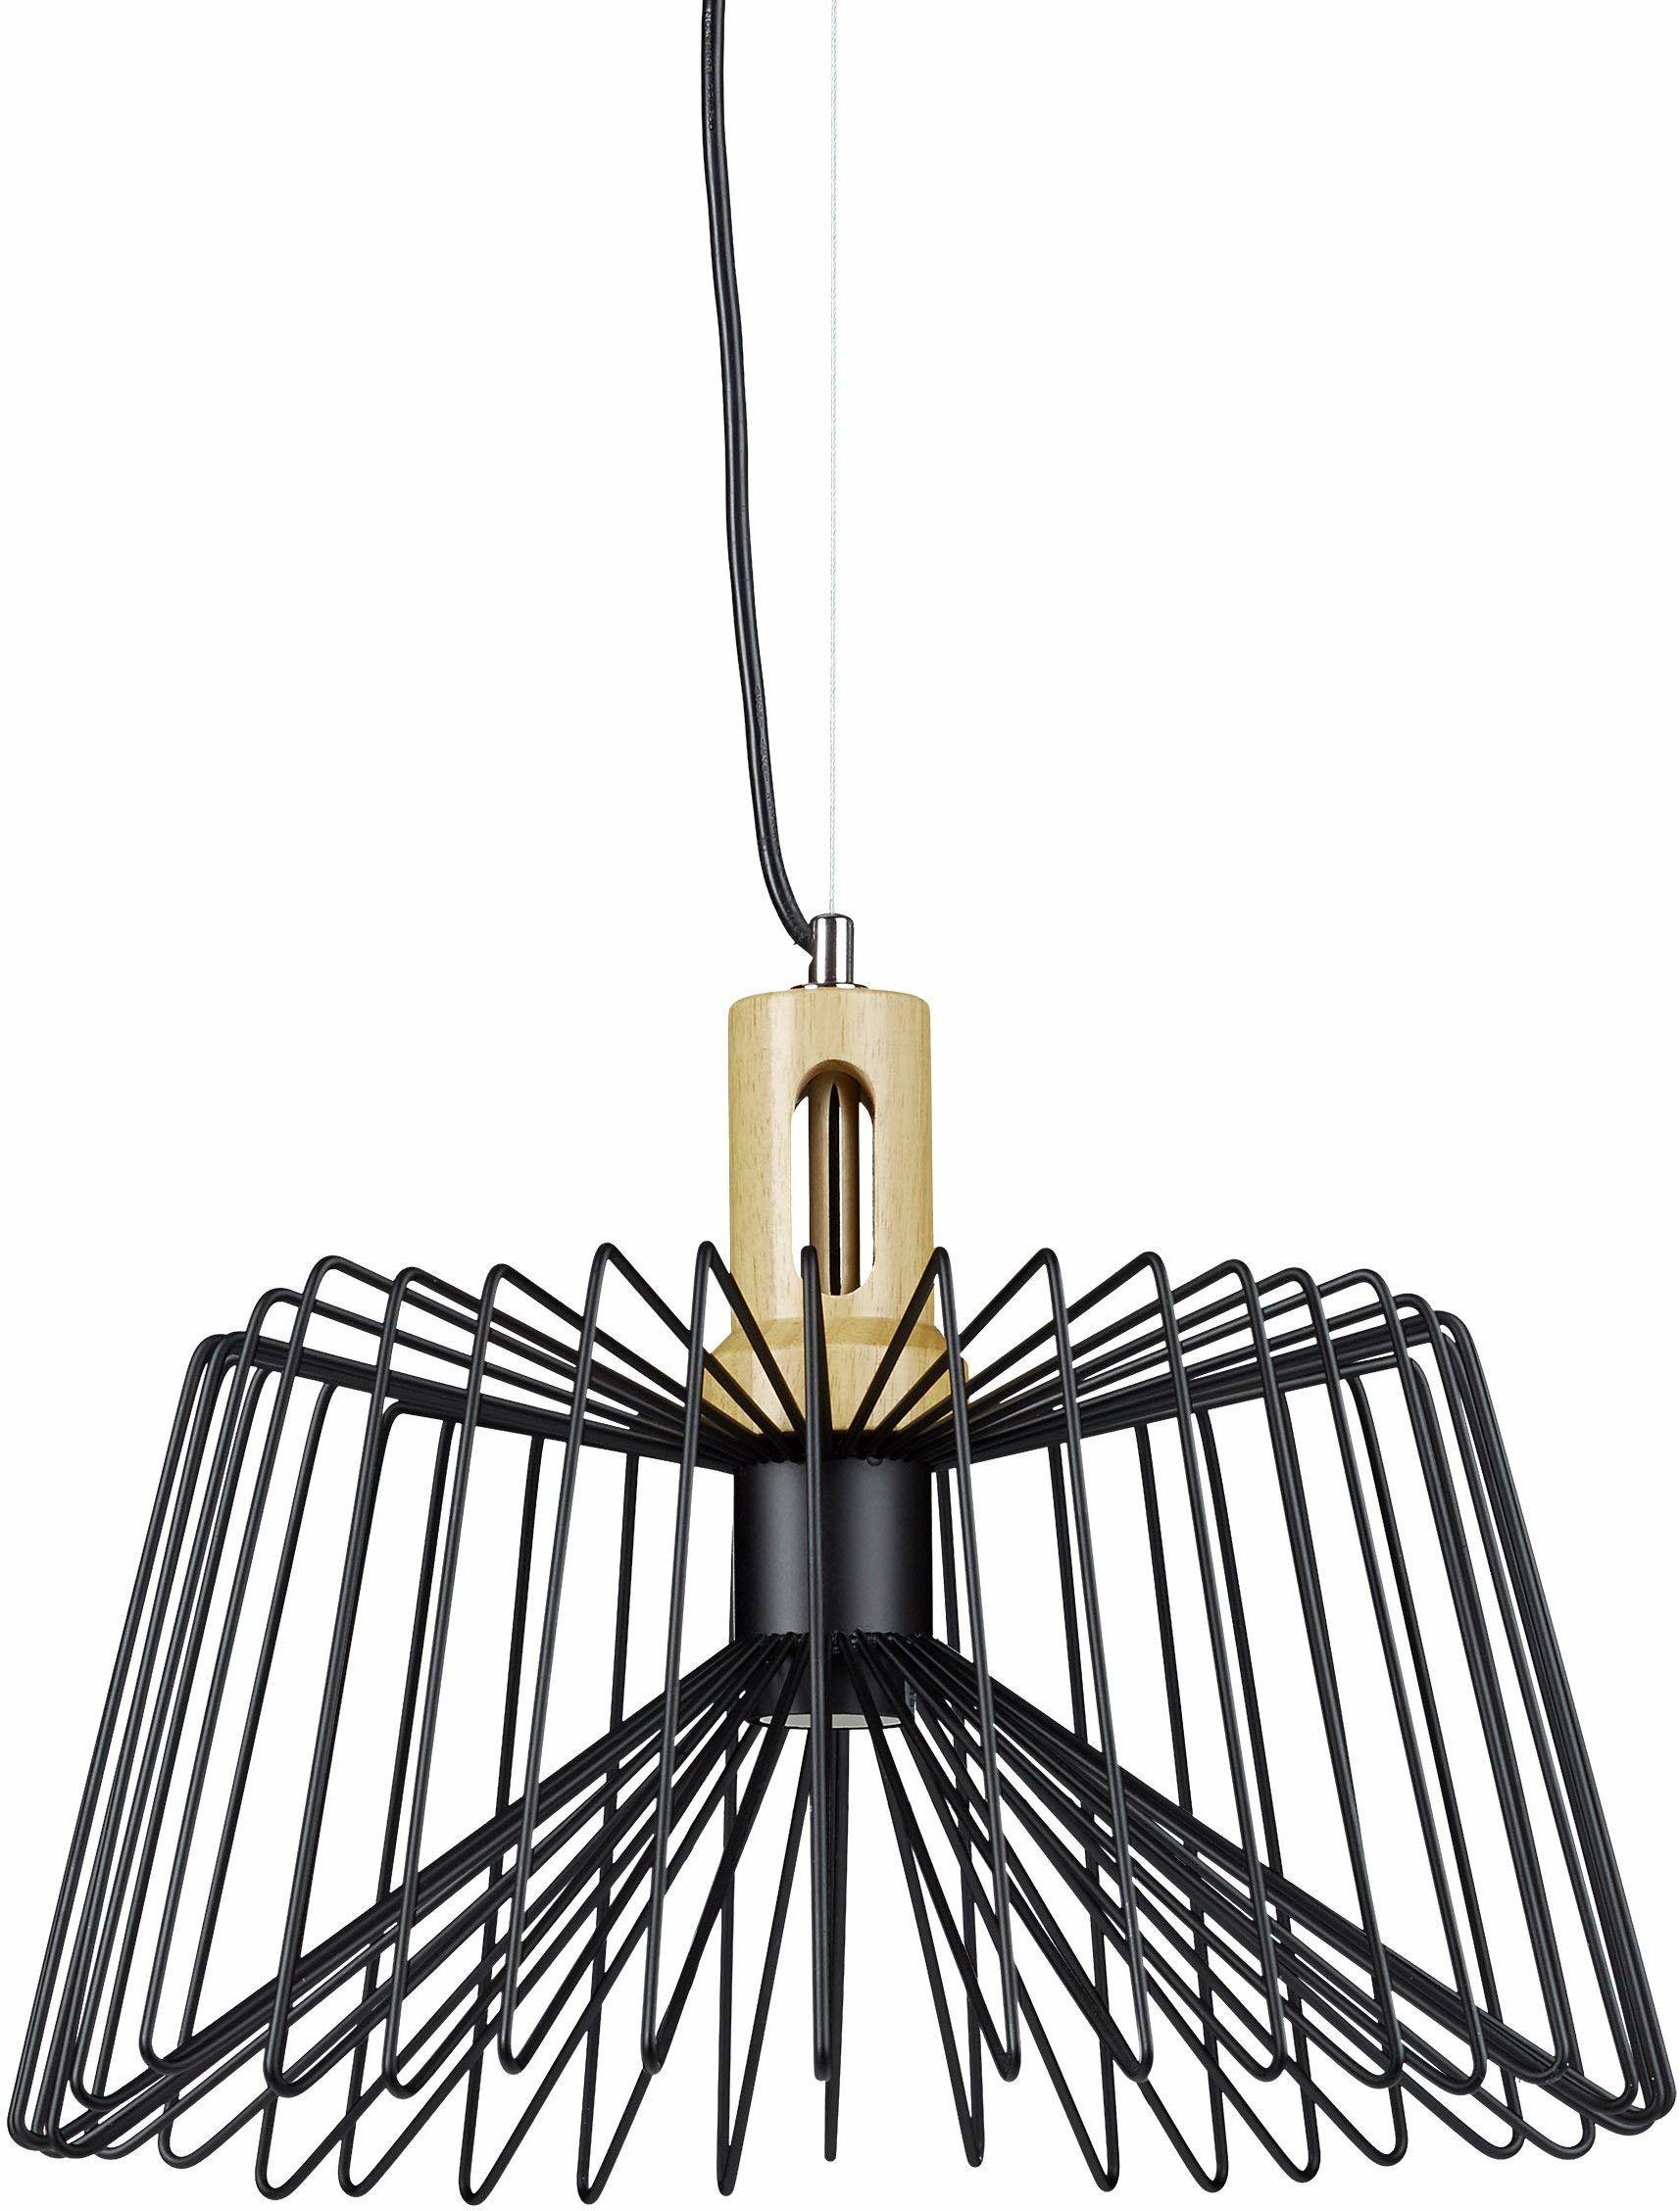 Relaxdays Design lampa wisząca, wygląd siatki, kształt trapezu, metal, drewniany uchwyt sufitowy, retro, gniazdo E27, 1 płomień, 145 x 40 x 40 cm, czarny, 40 W